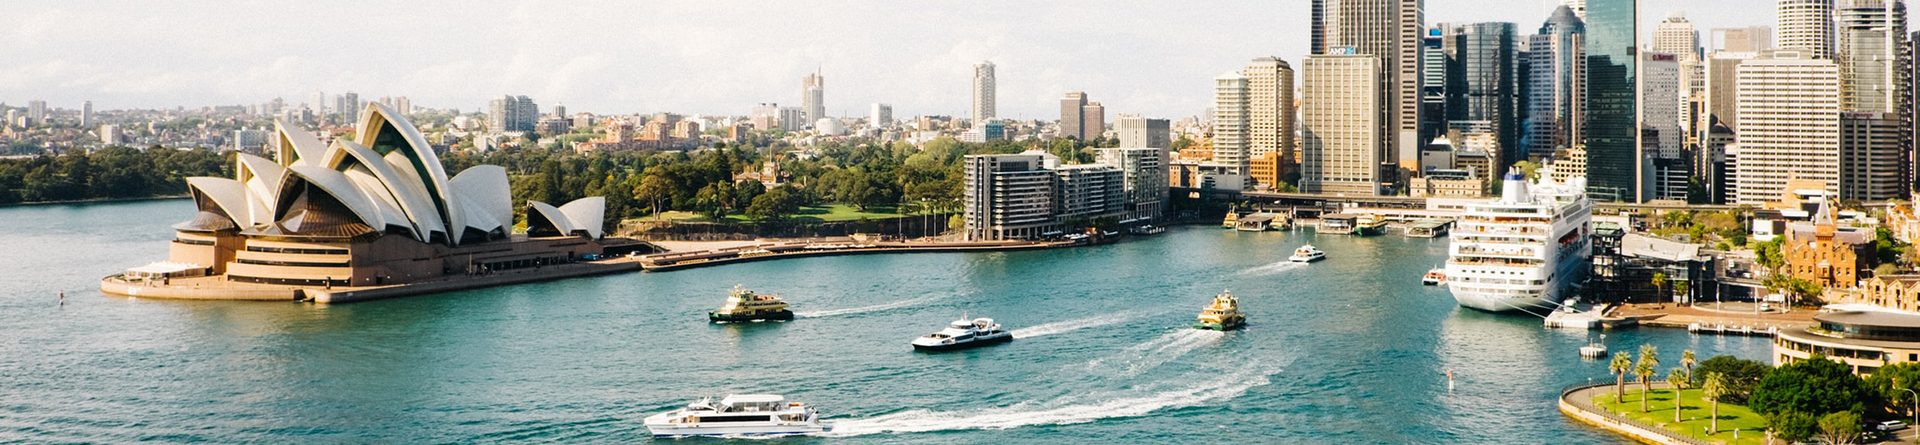 Moving to Australia through education